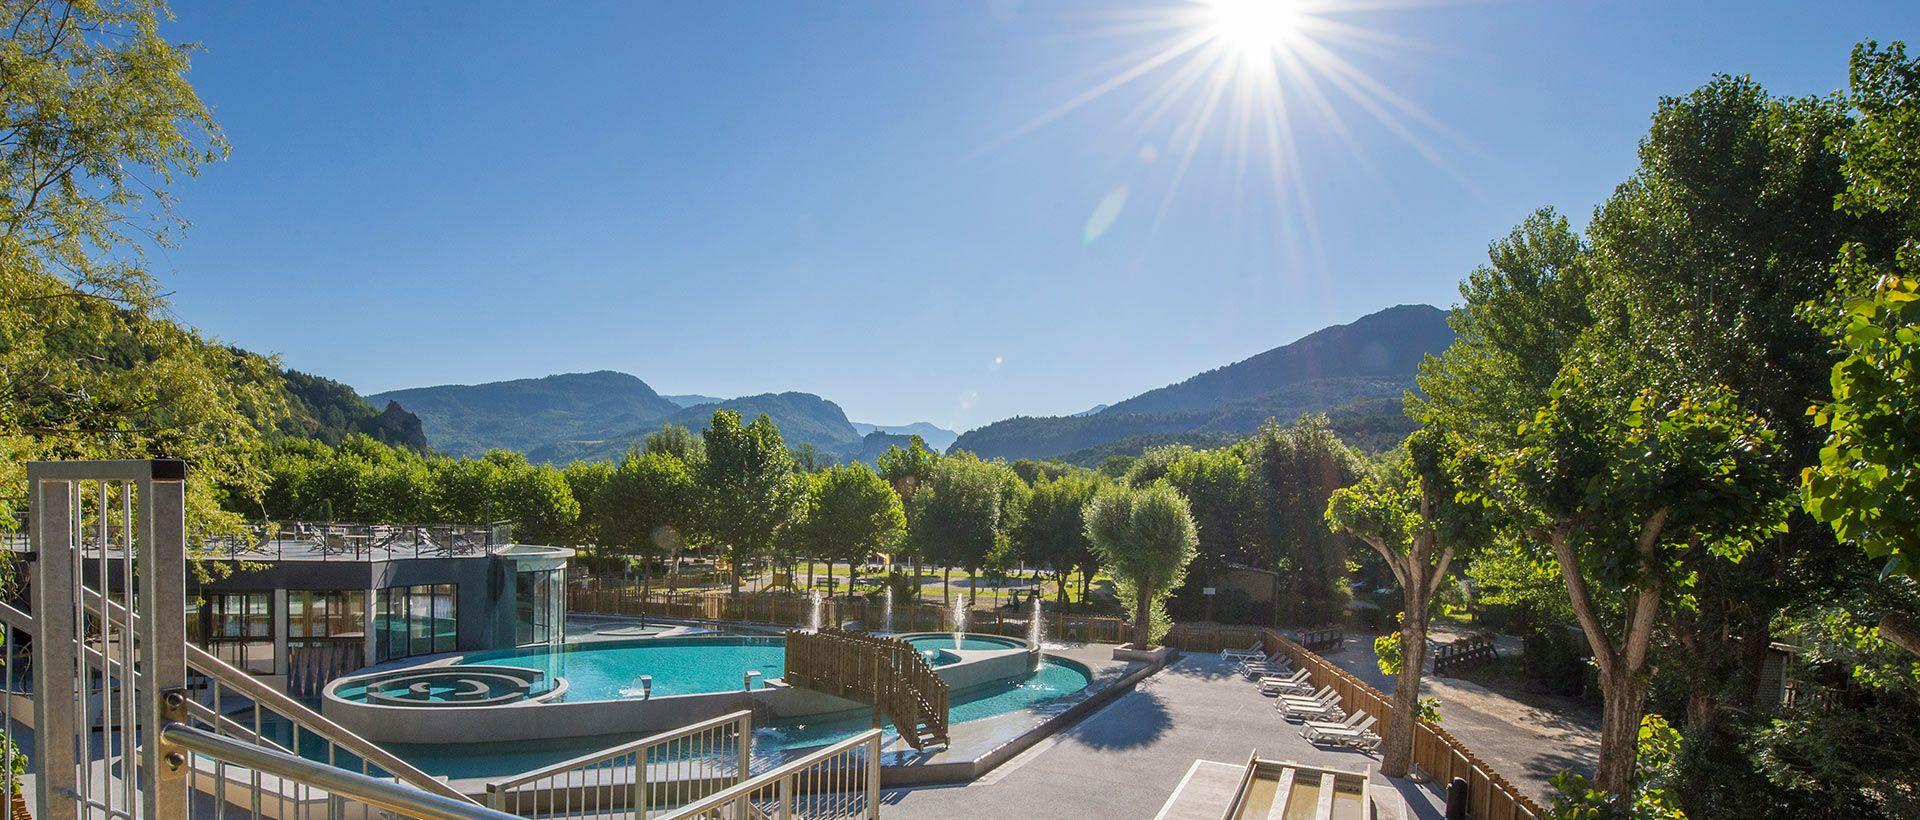 8 buenas razones para ir a la montaña en verano